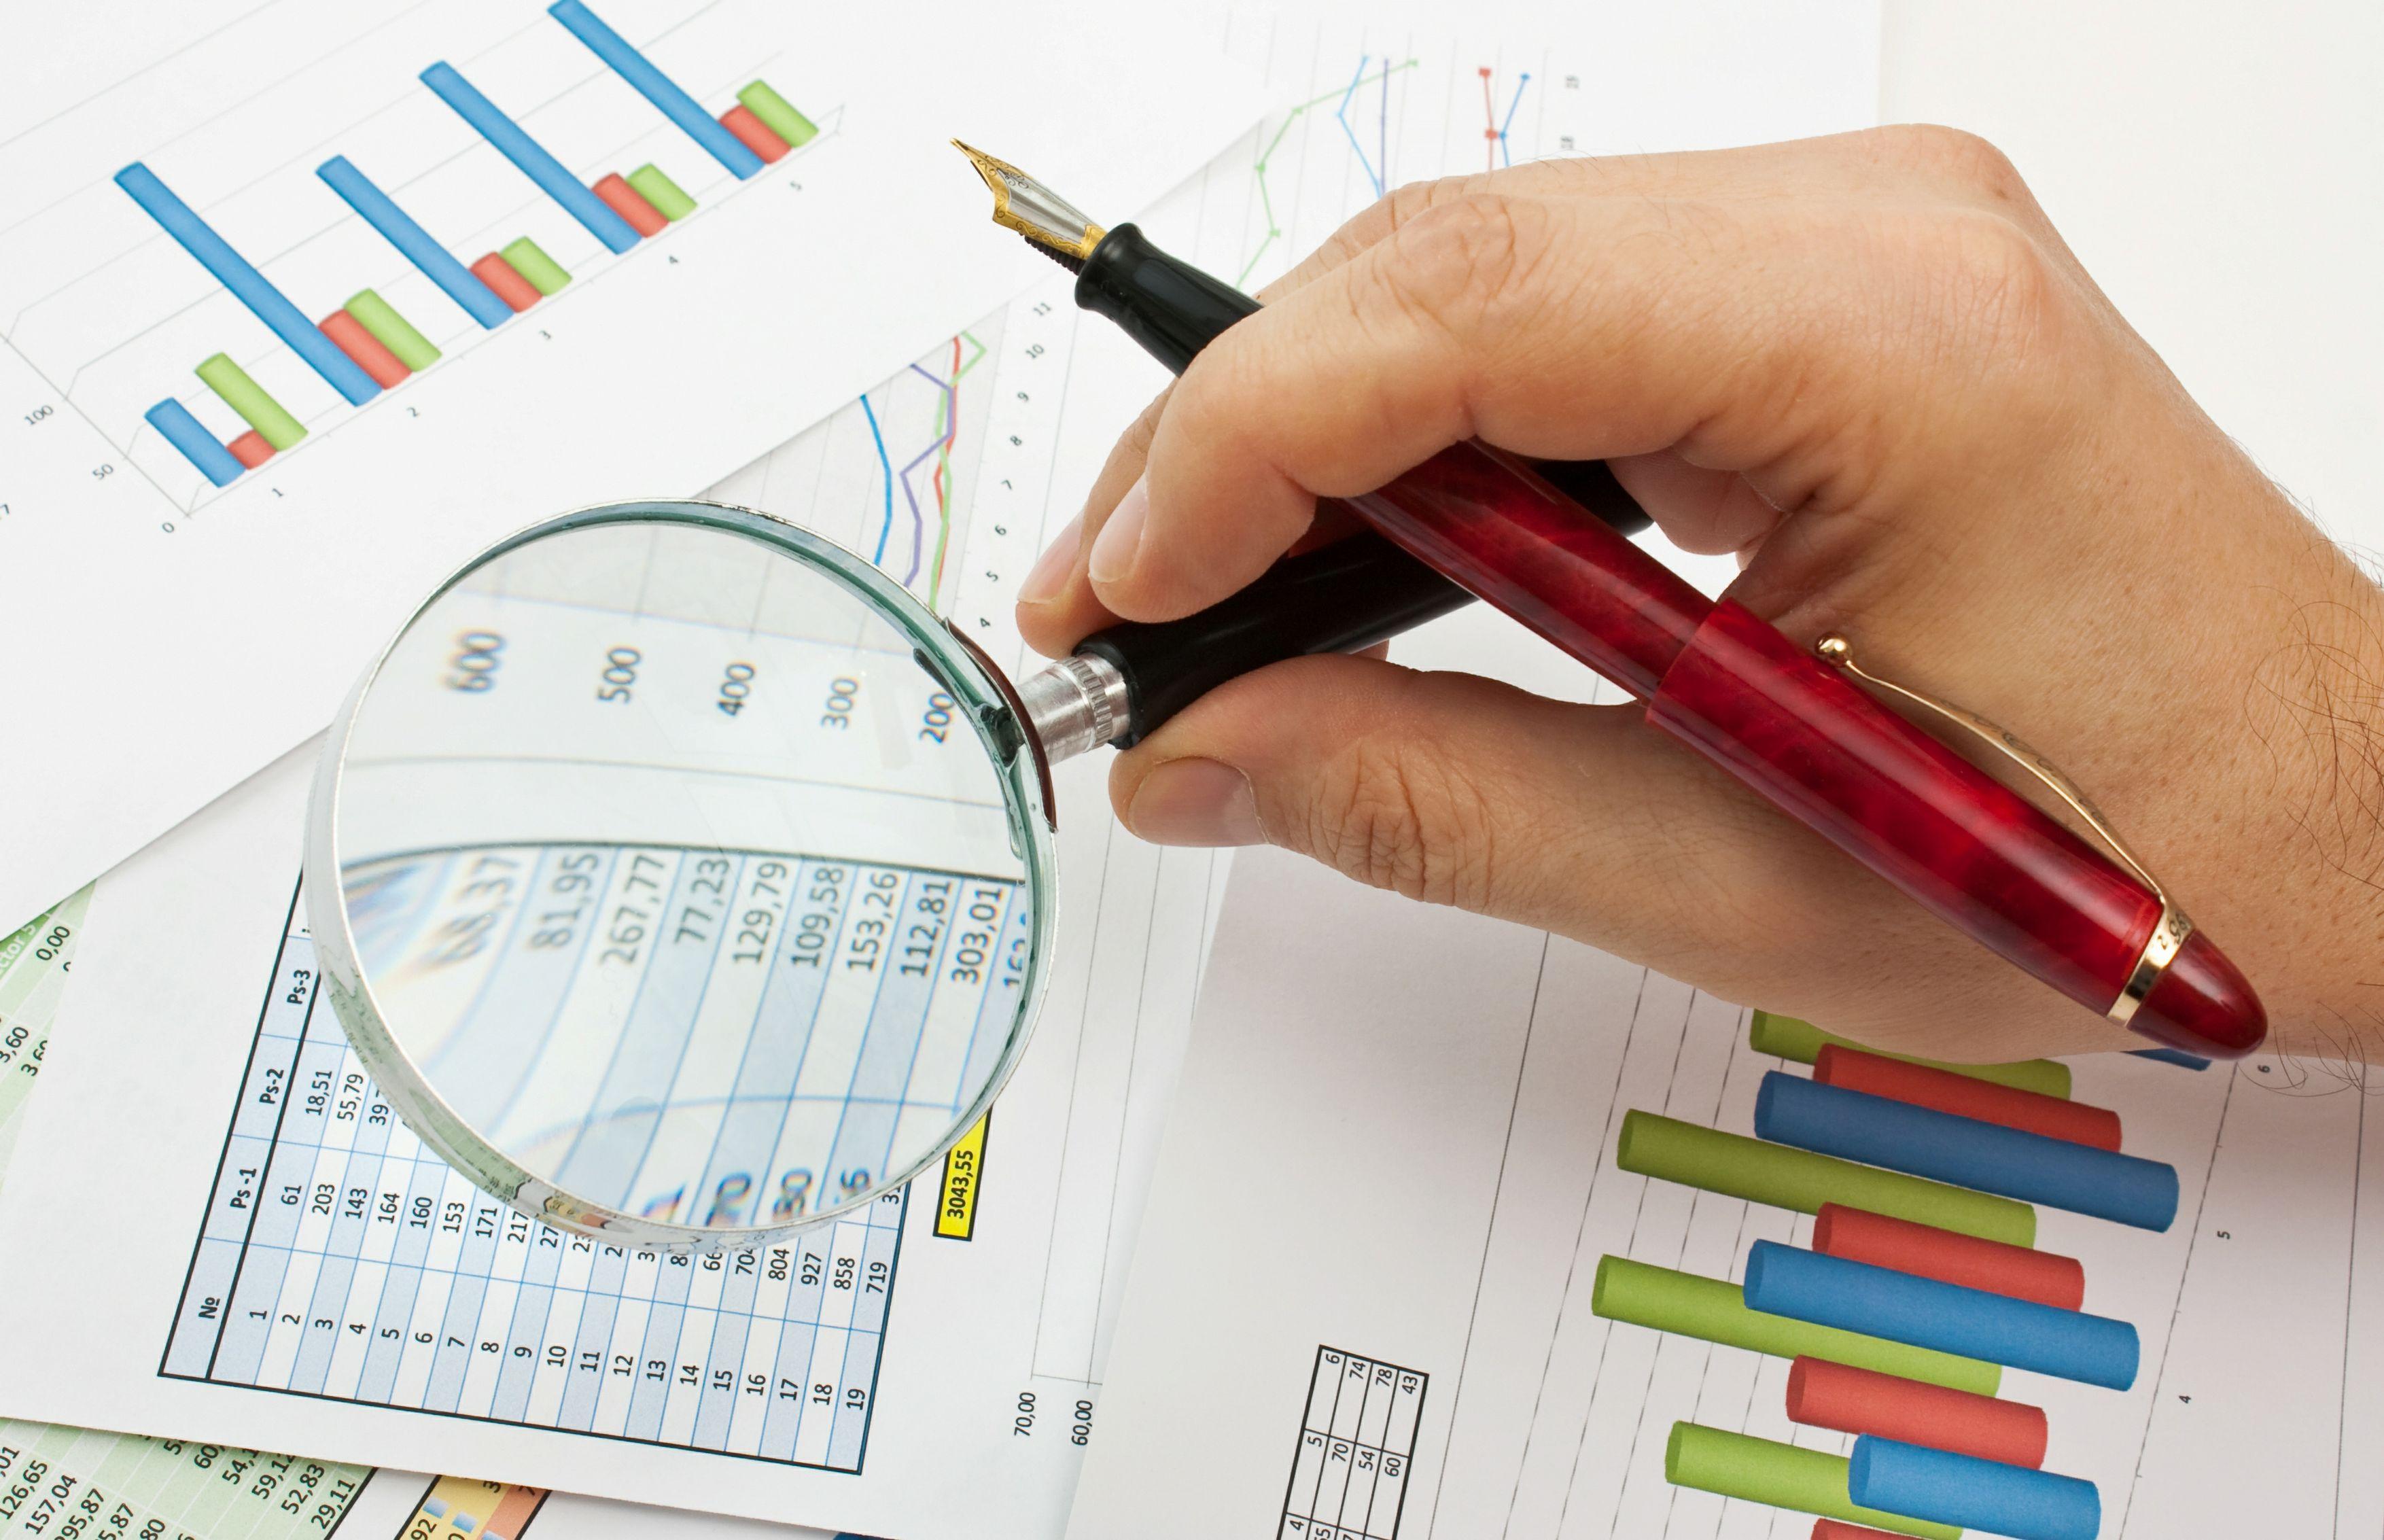 格隆汇港股聚焦(6.17)︱中国人保前5月原保费收入达2718亿元  天风证券拟45亿元收购恒投证券29.99%股权